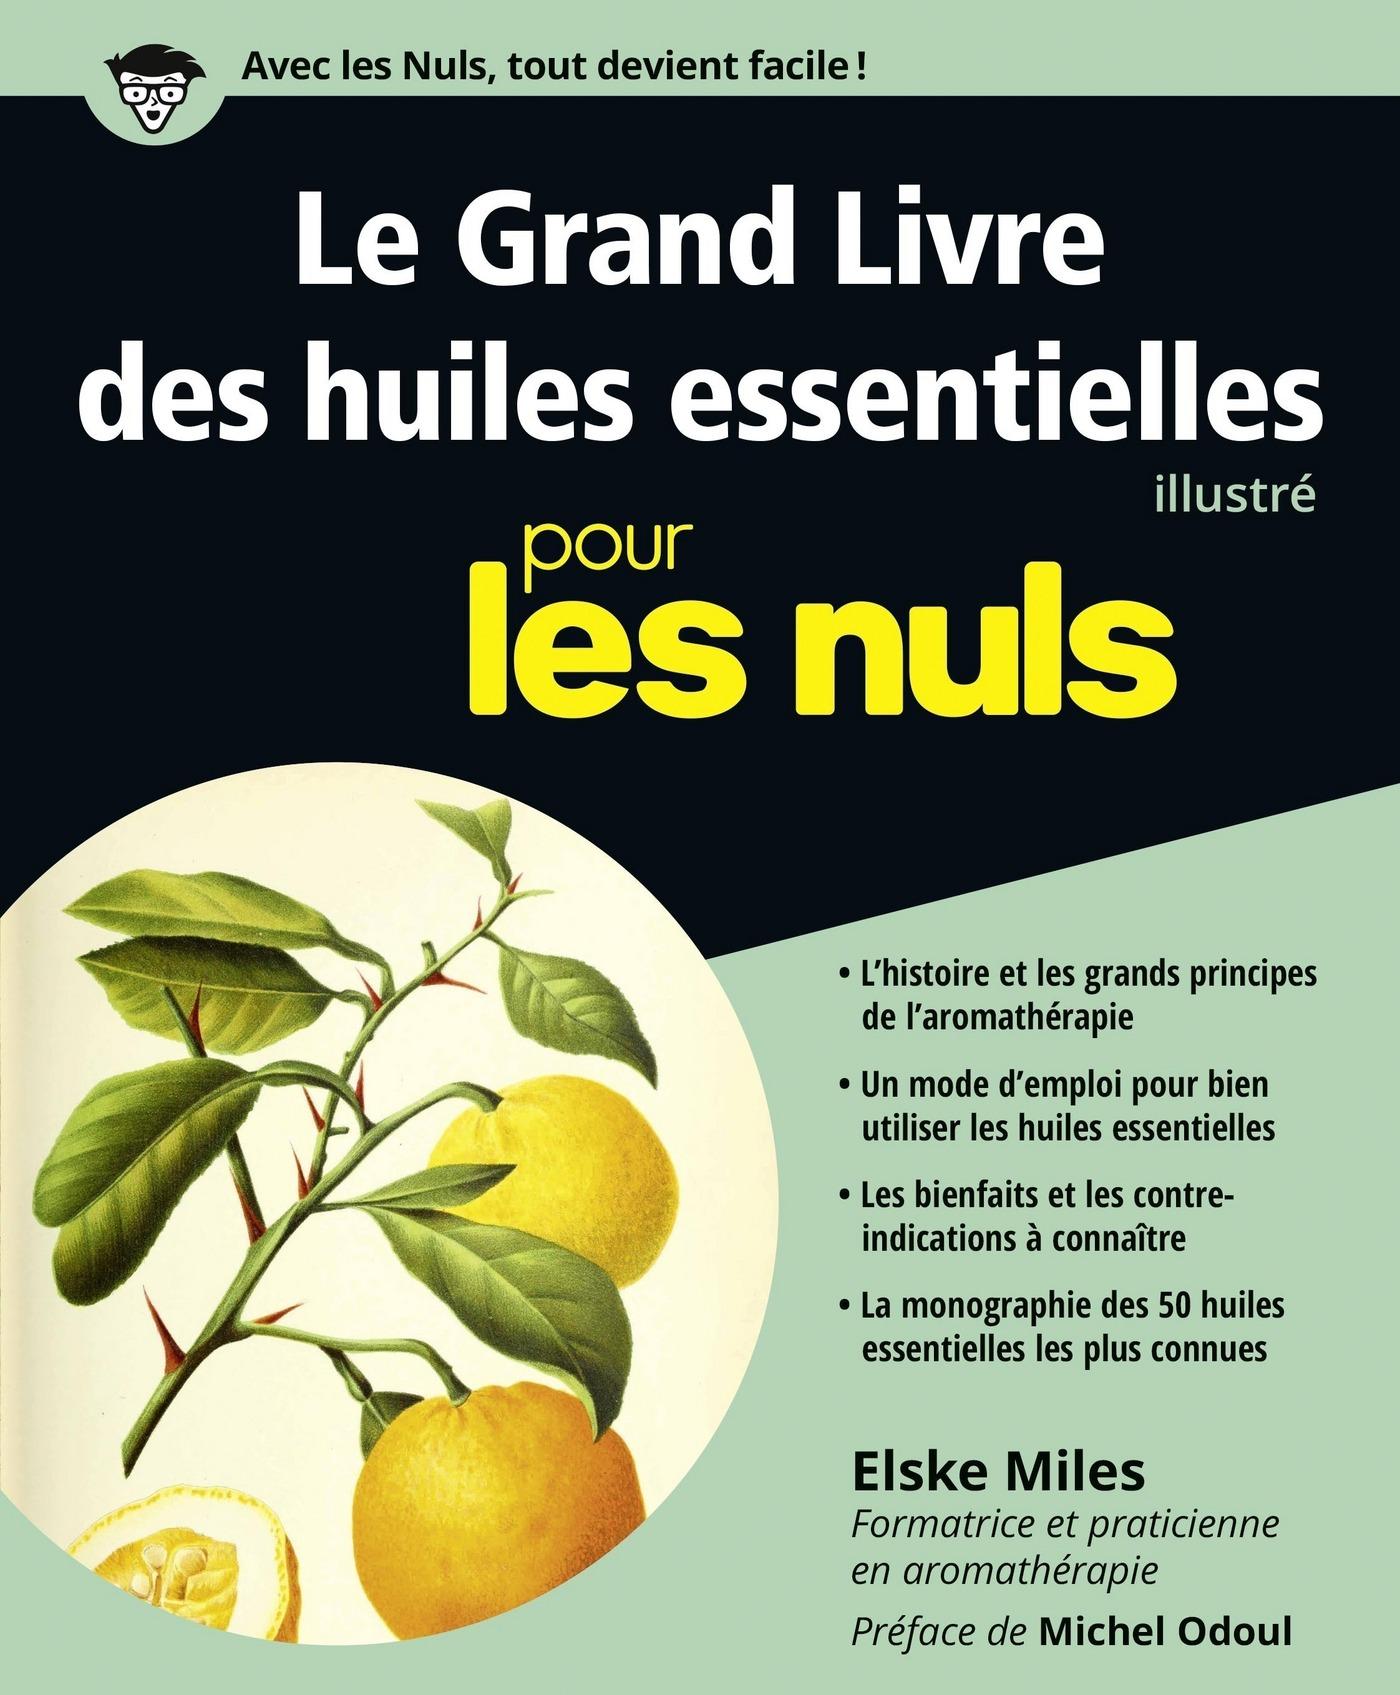 Le Grand Livre des huiles essentielles pour les Nuls (ebook)